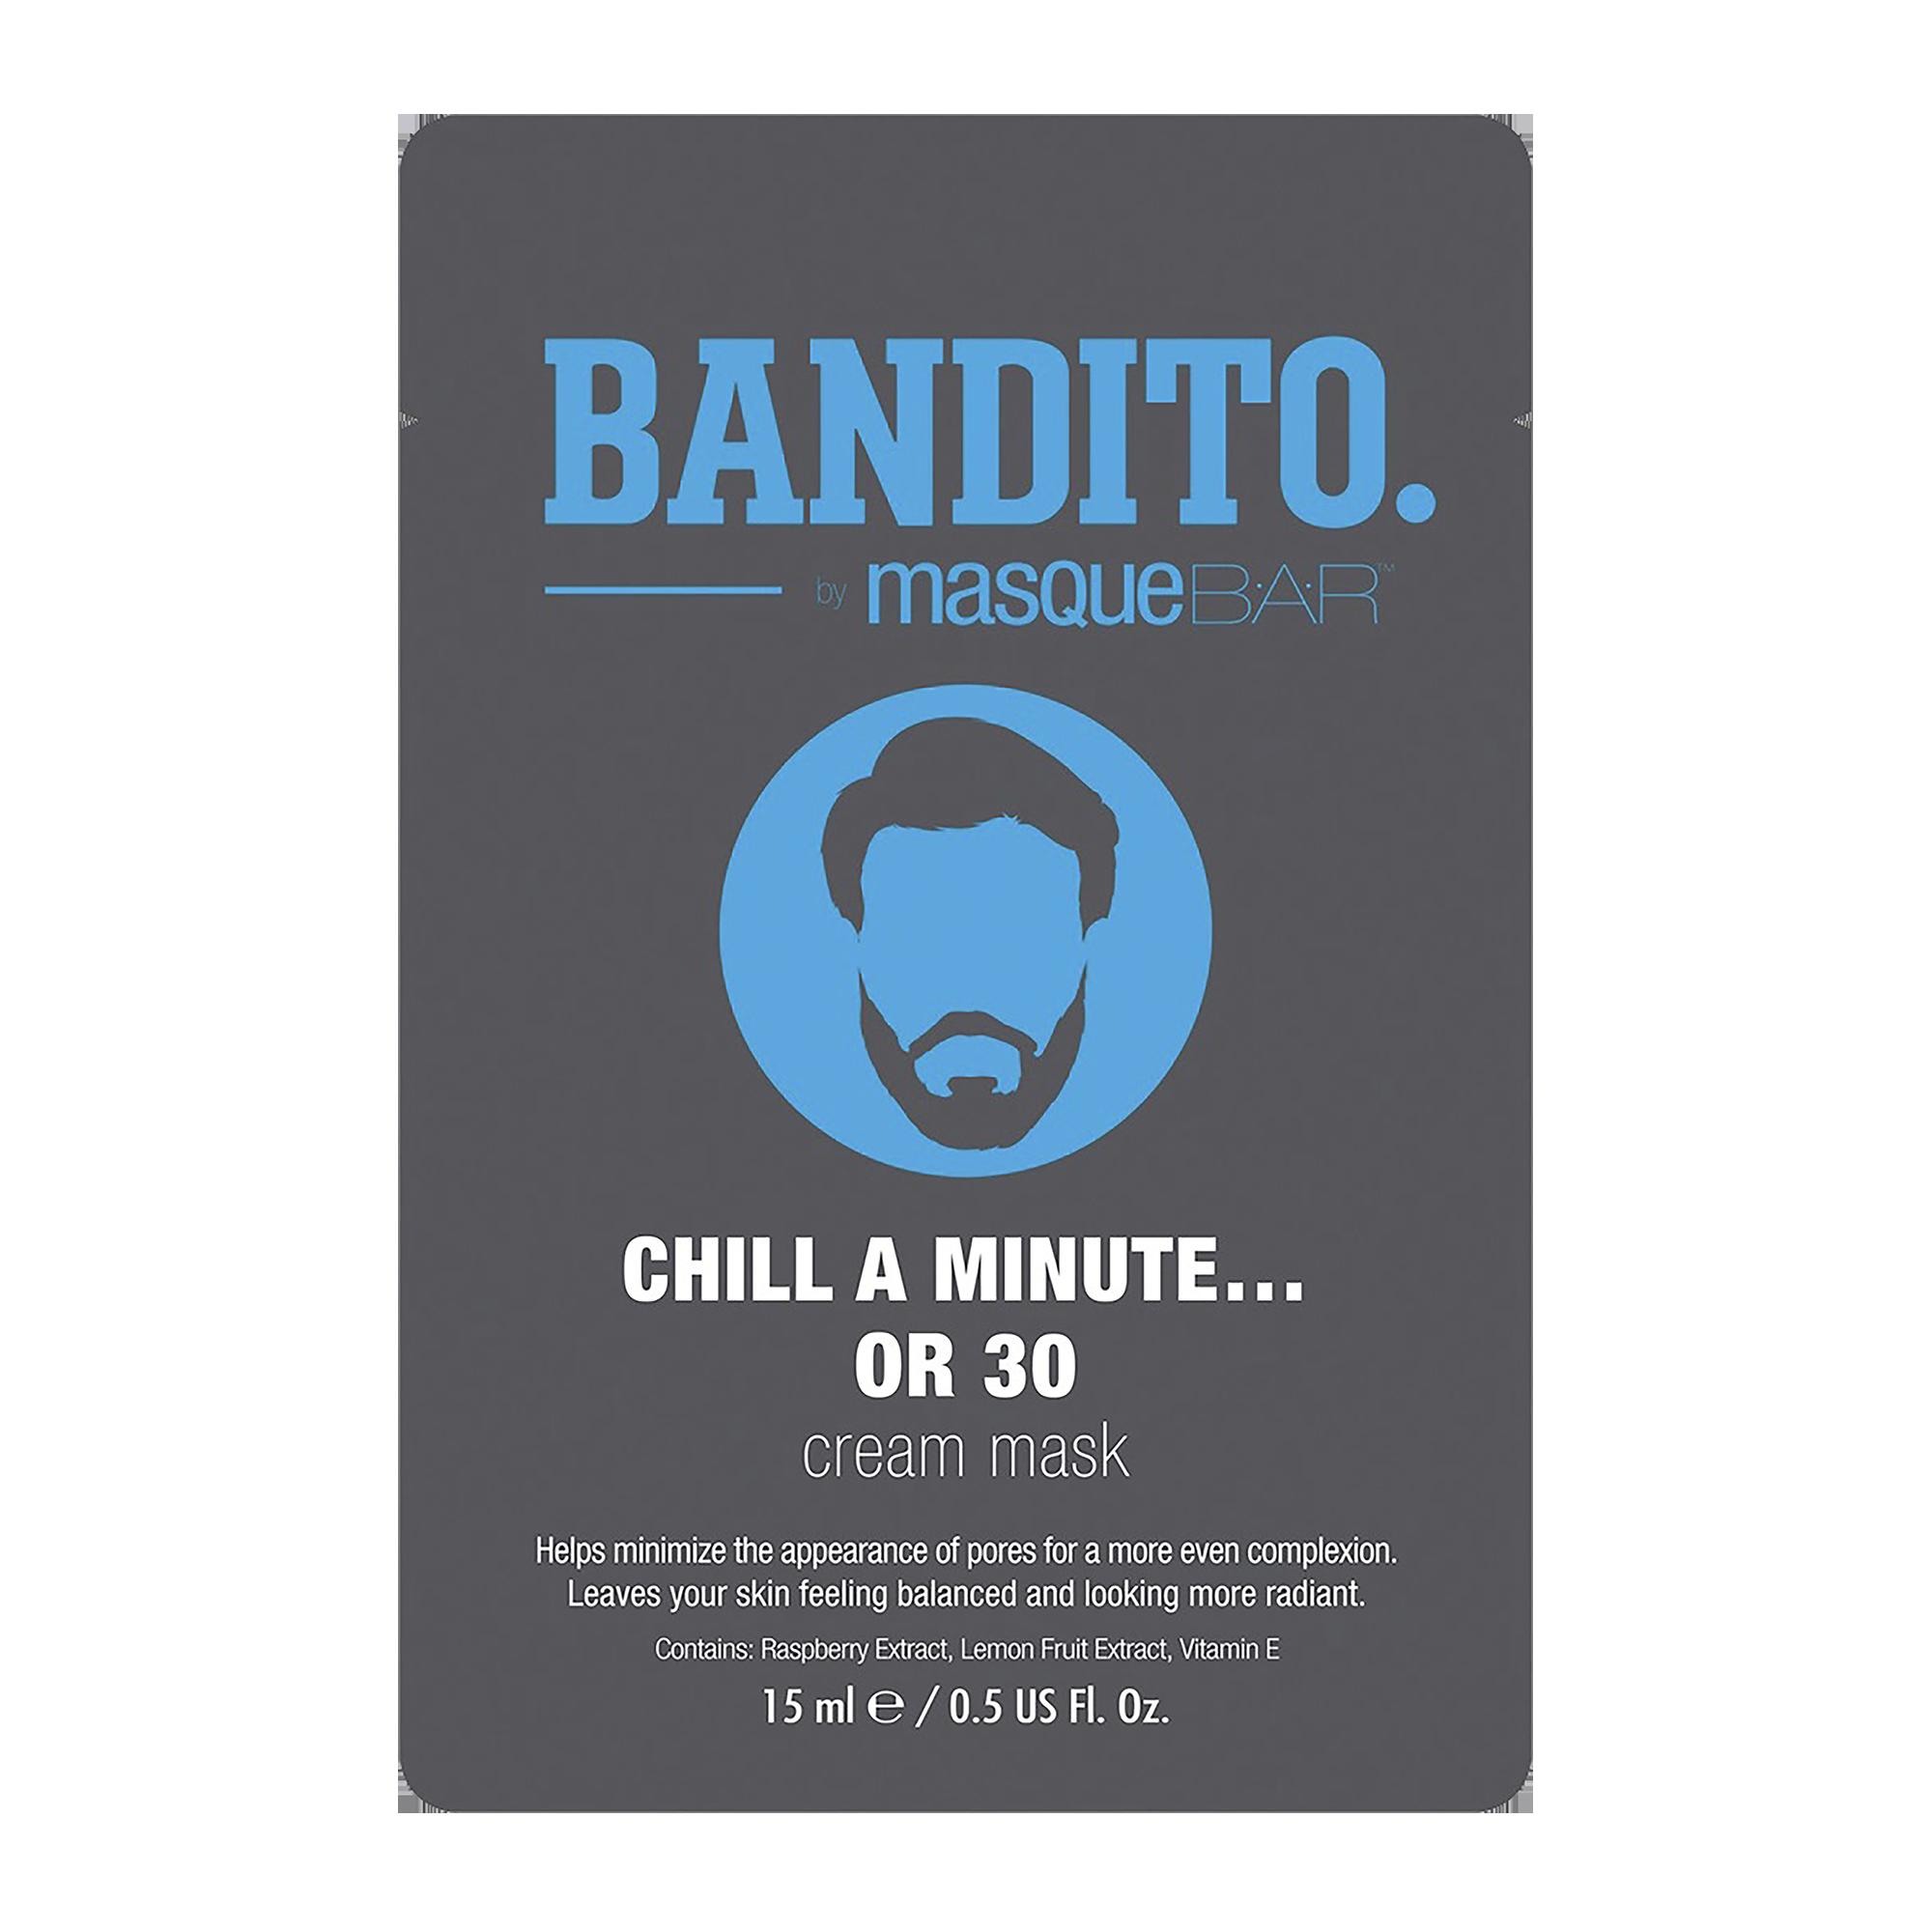 Bandito Chill A Minute Or 30 Cream Mask